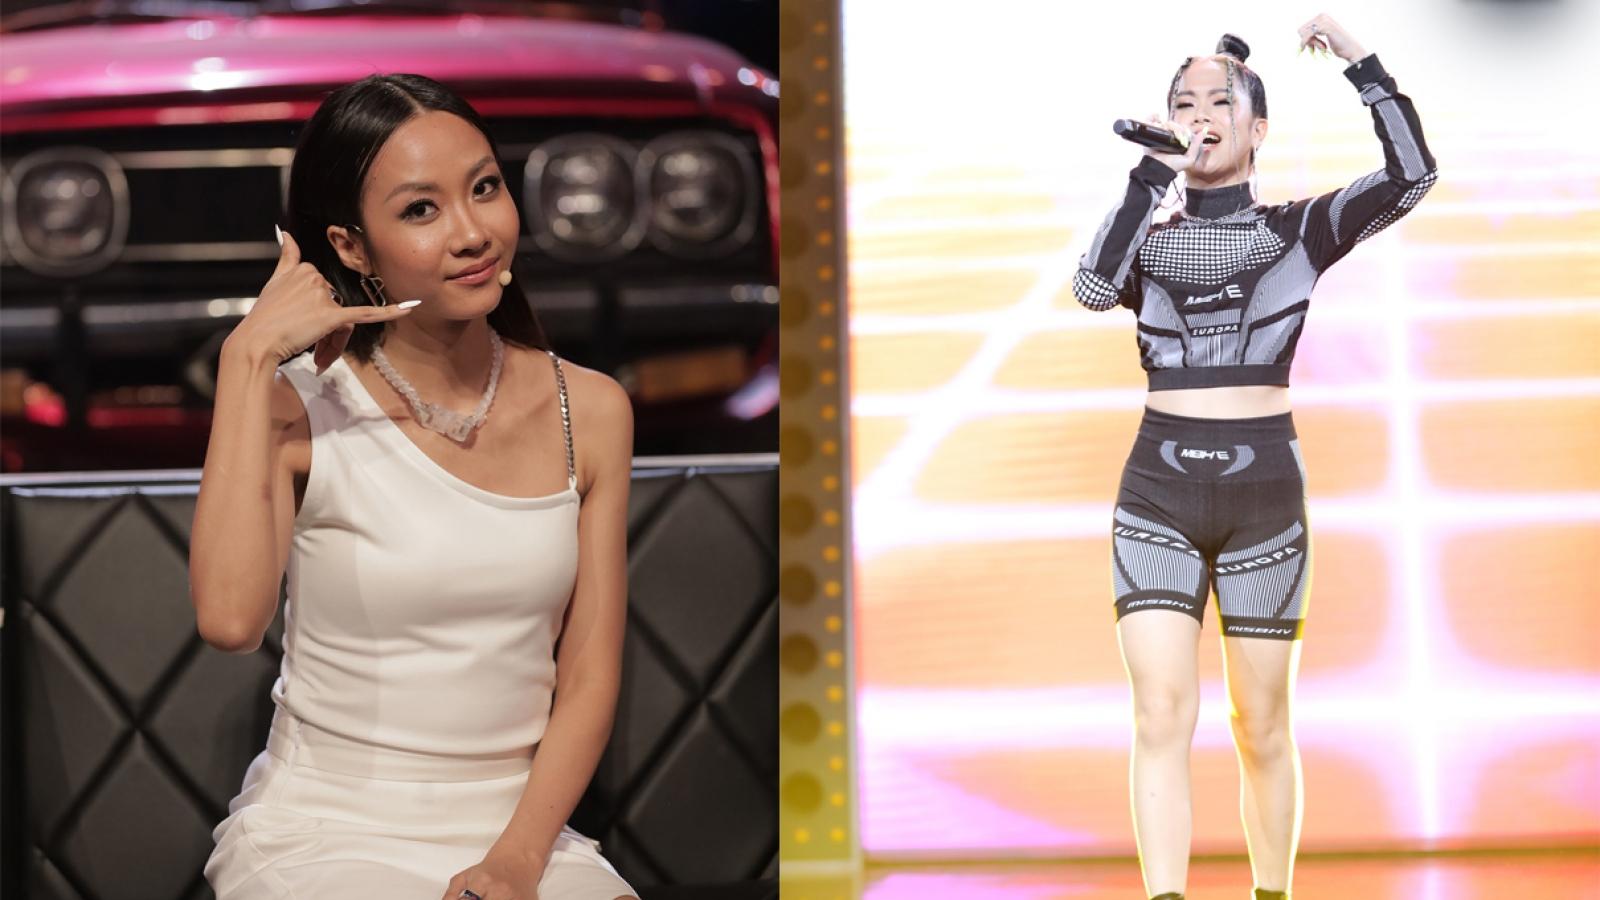 """Suboi thiên vị nữ rapper Tlinh trong vòng Đối đầu của """"Rap Việt""""?"""